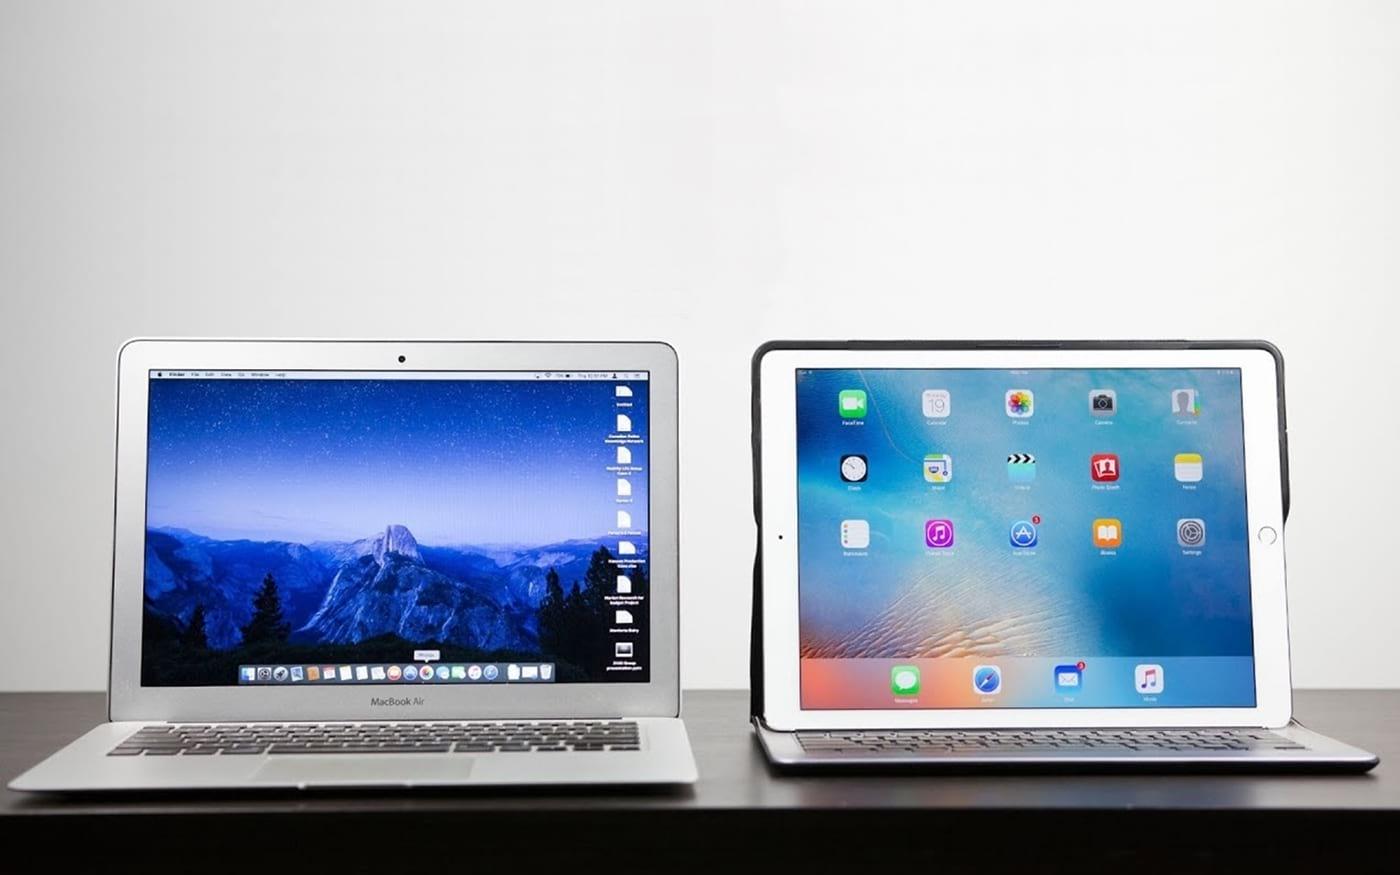 MacBook Air ou iPad Pro: Qual o melhor para trabalhar e navegar na internet?